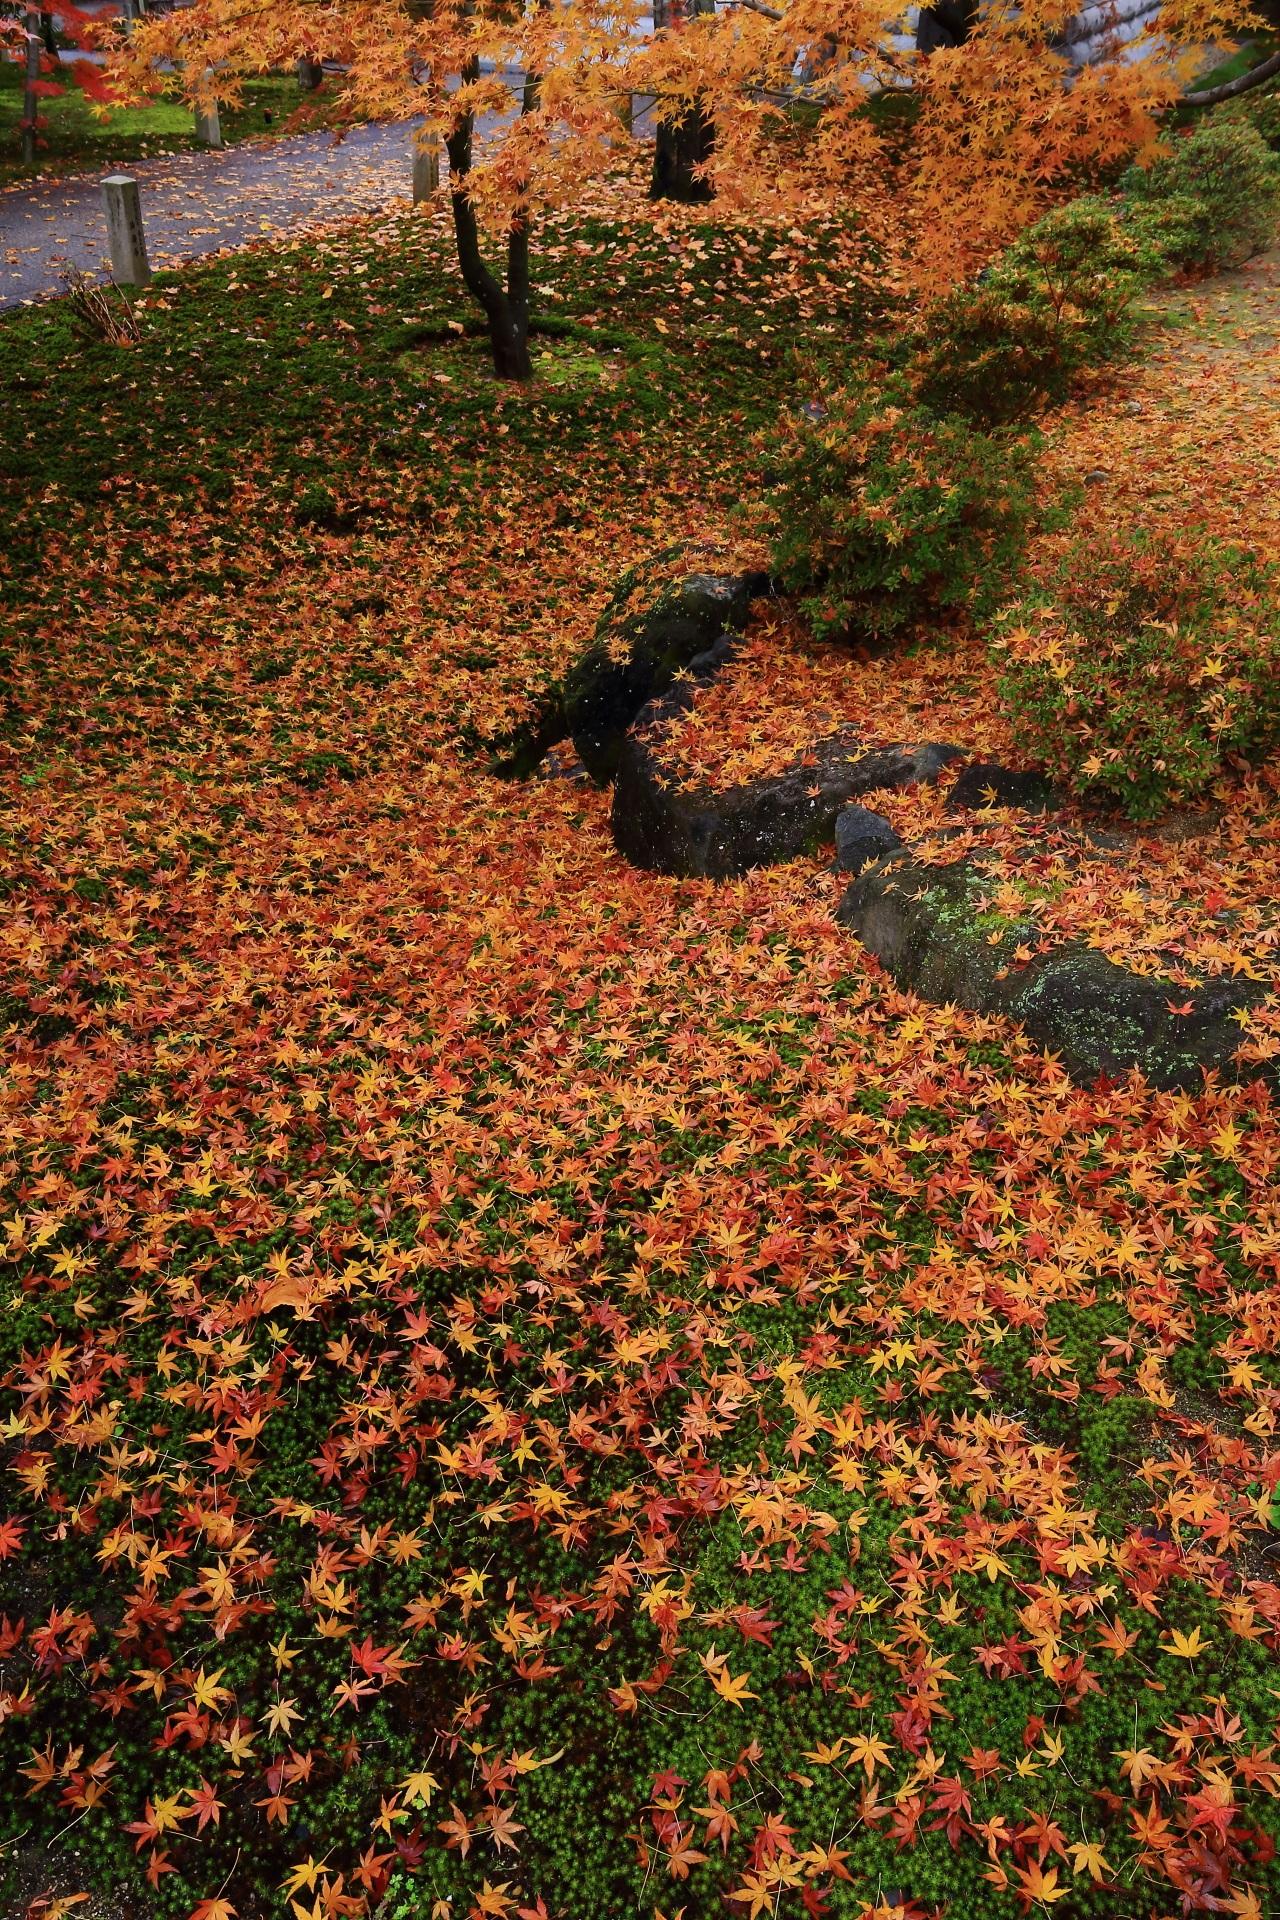 晩秋を彩る圧巻の散り紅葉の絨毯